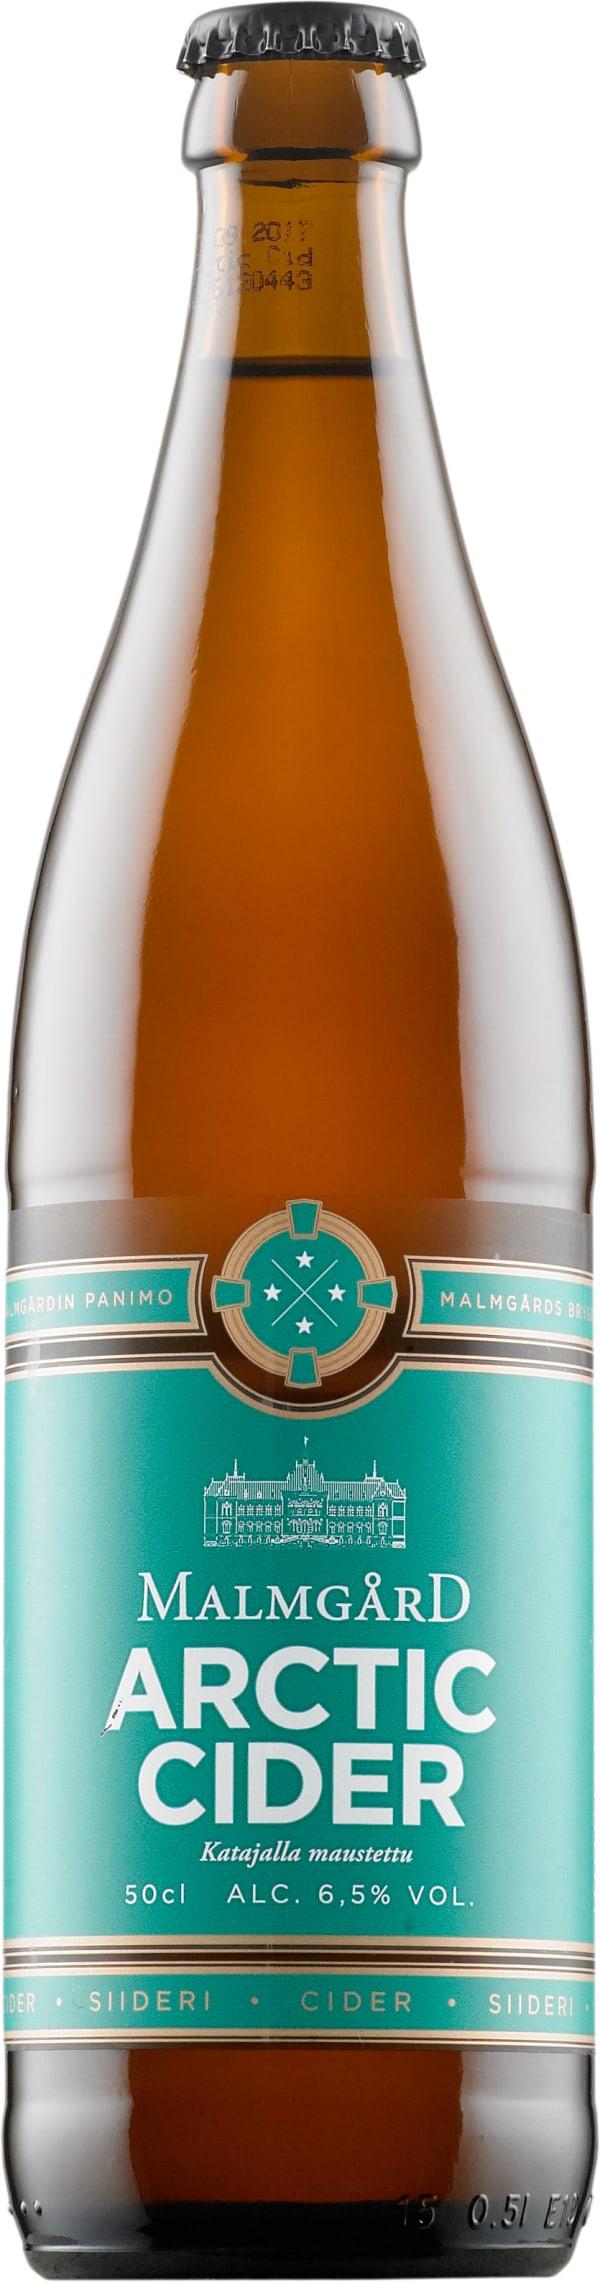 Malmgård Arctic Cider